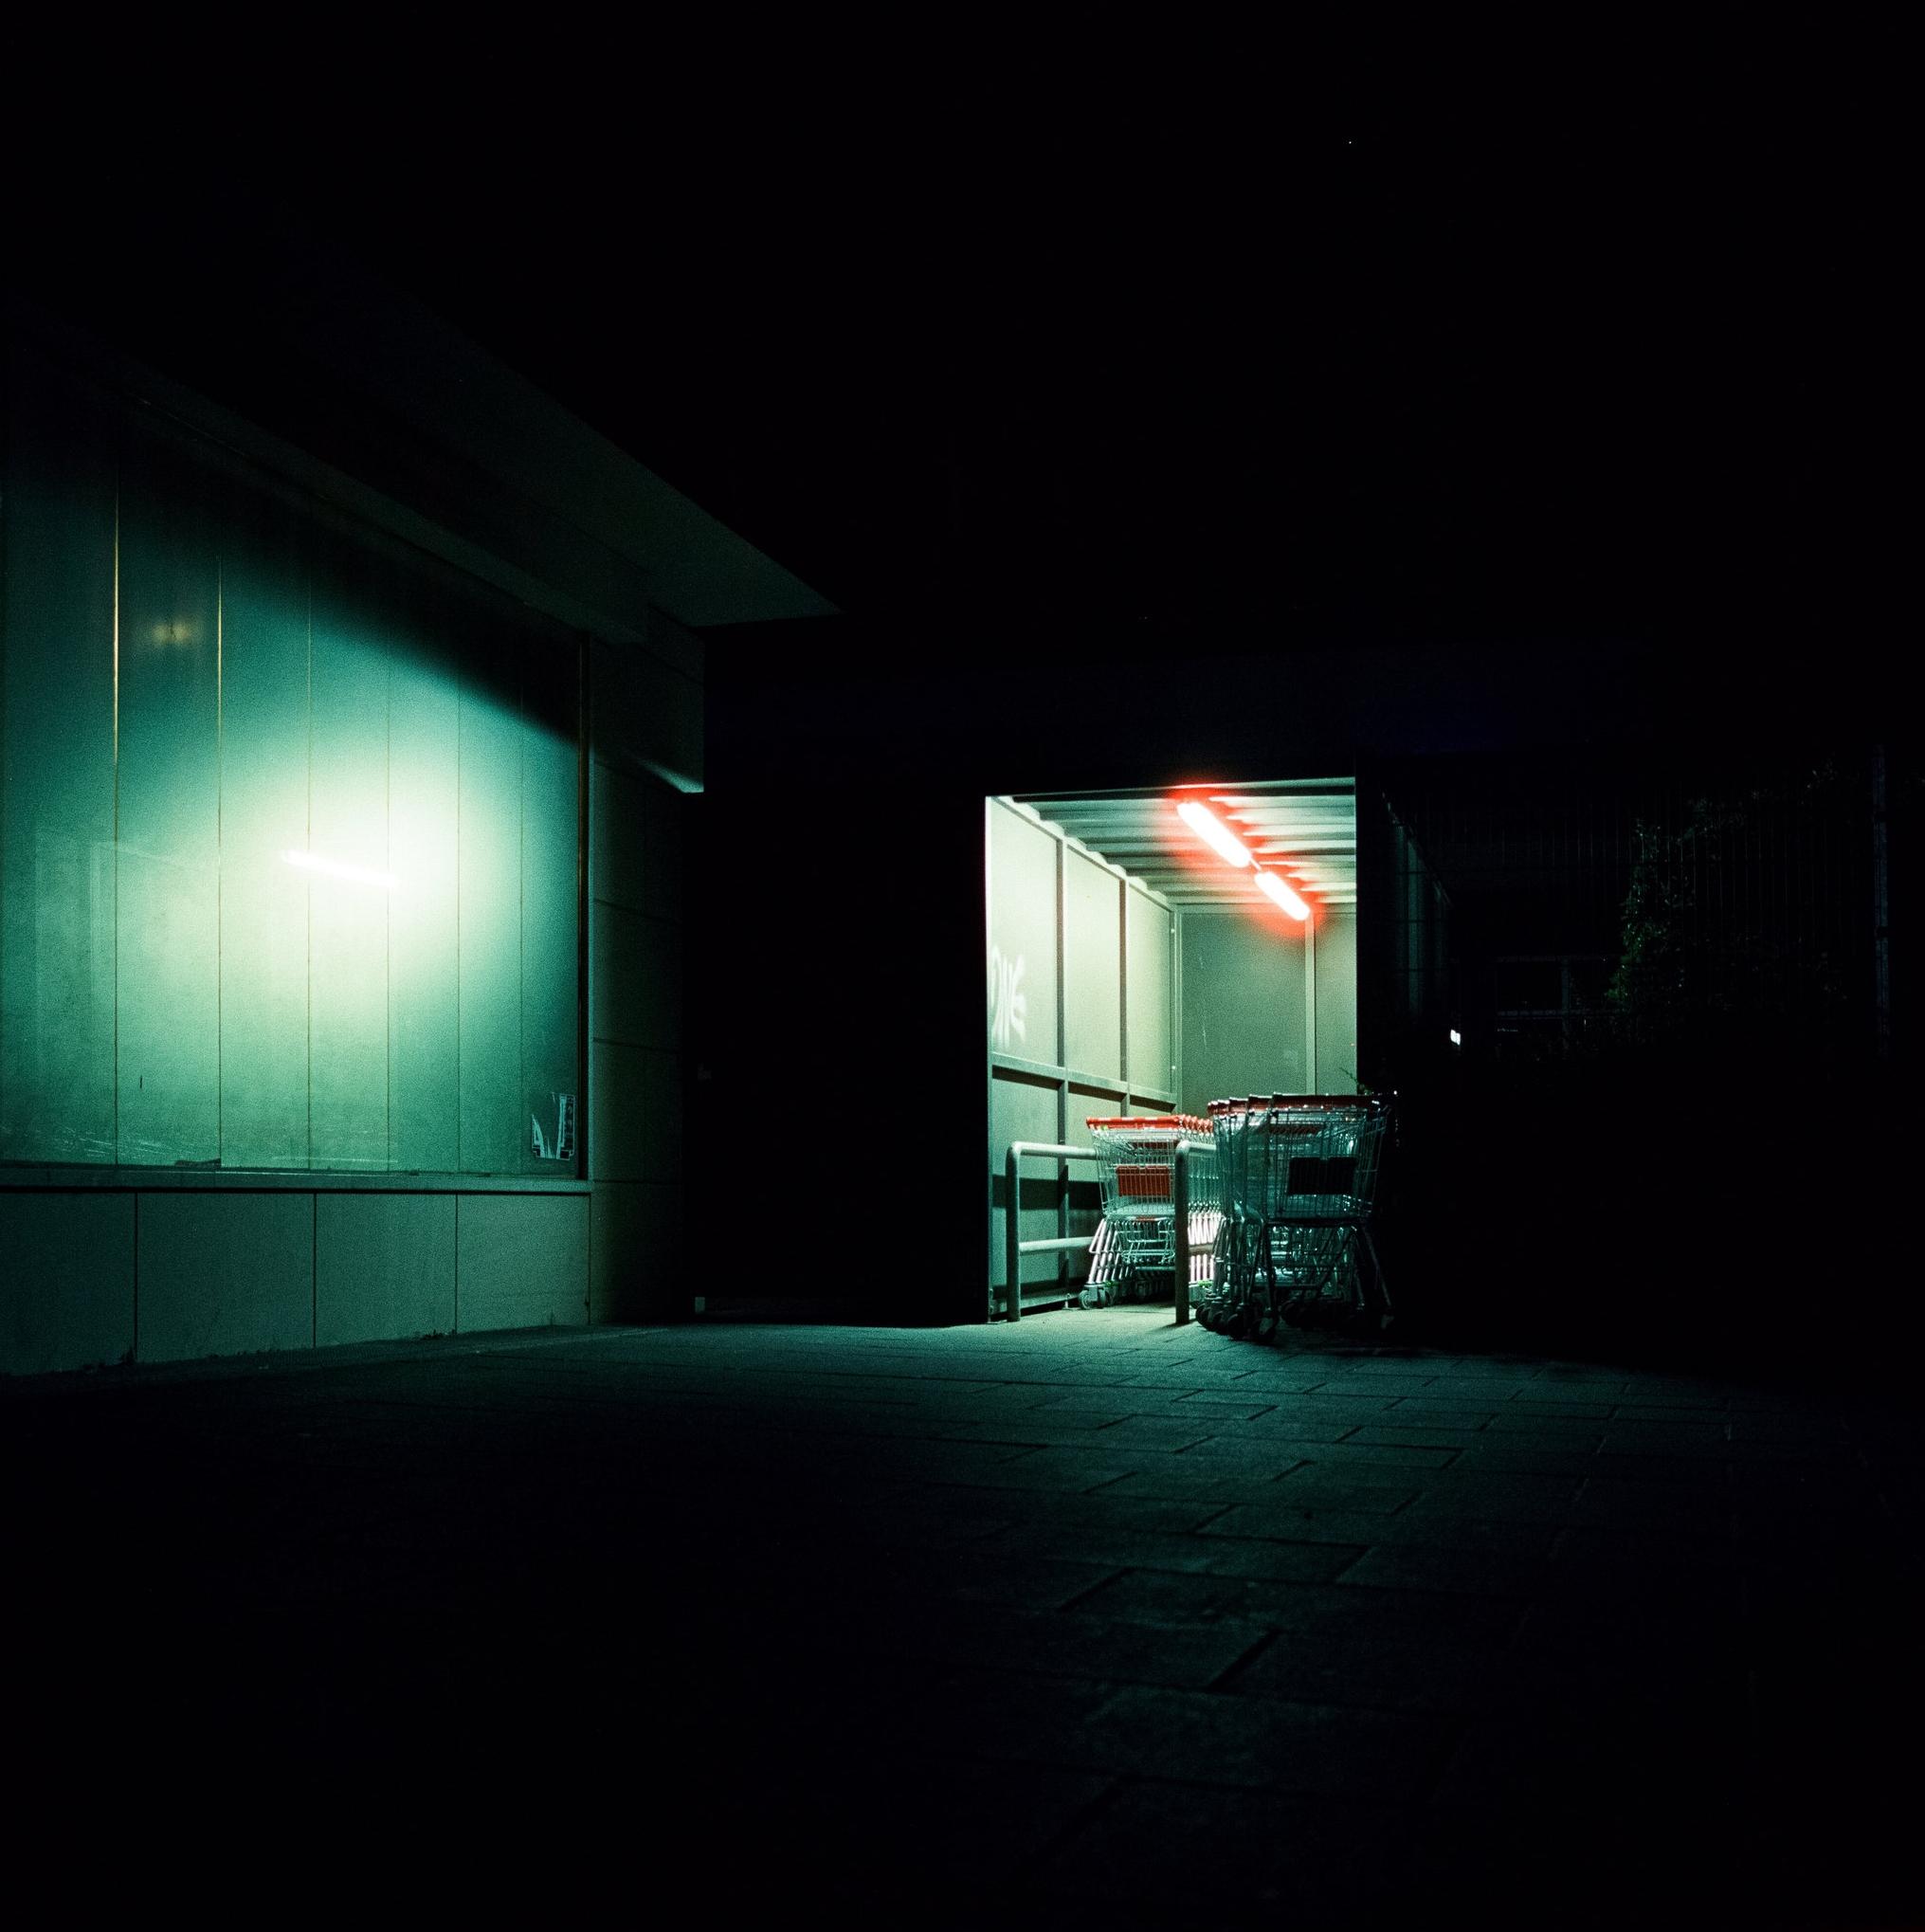 2517-Cine-11.jpg